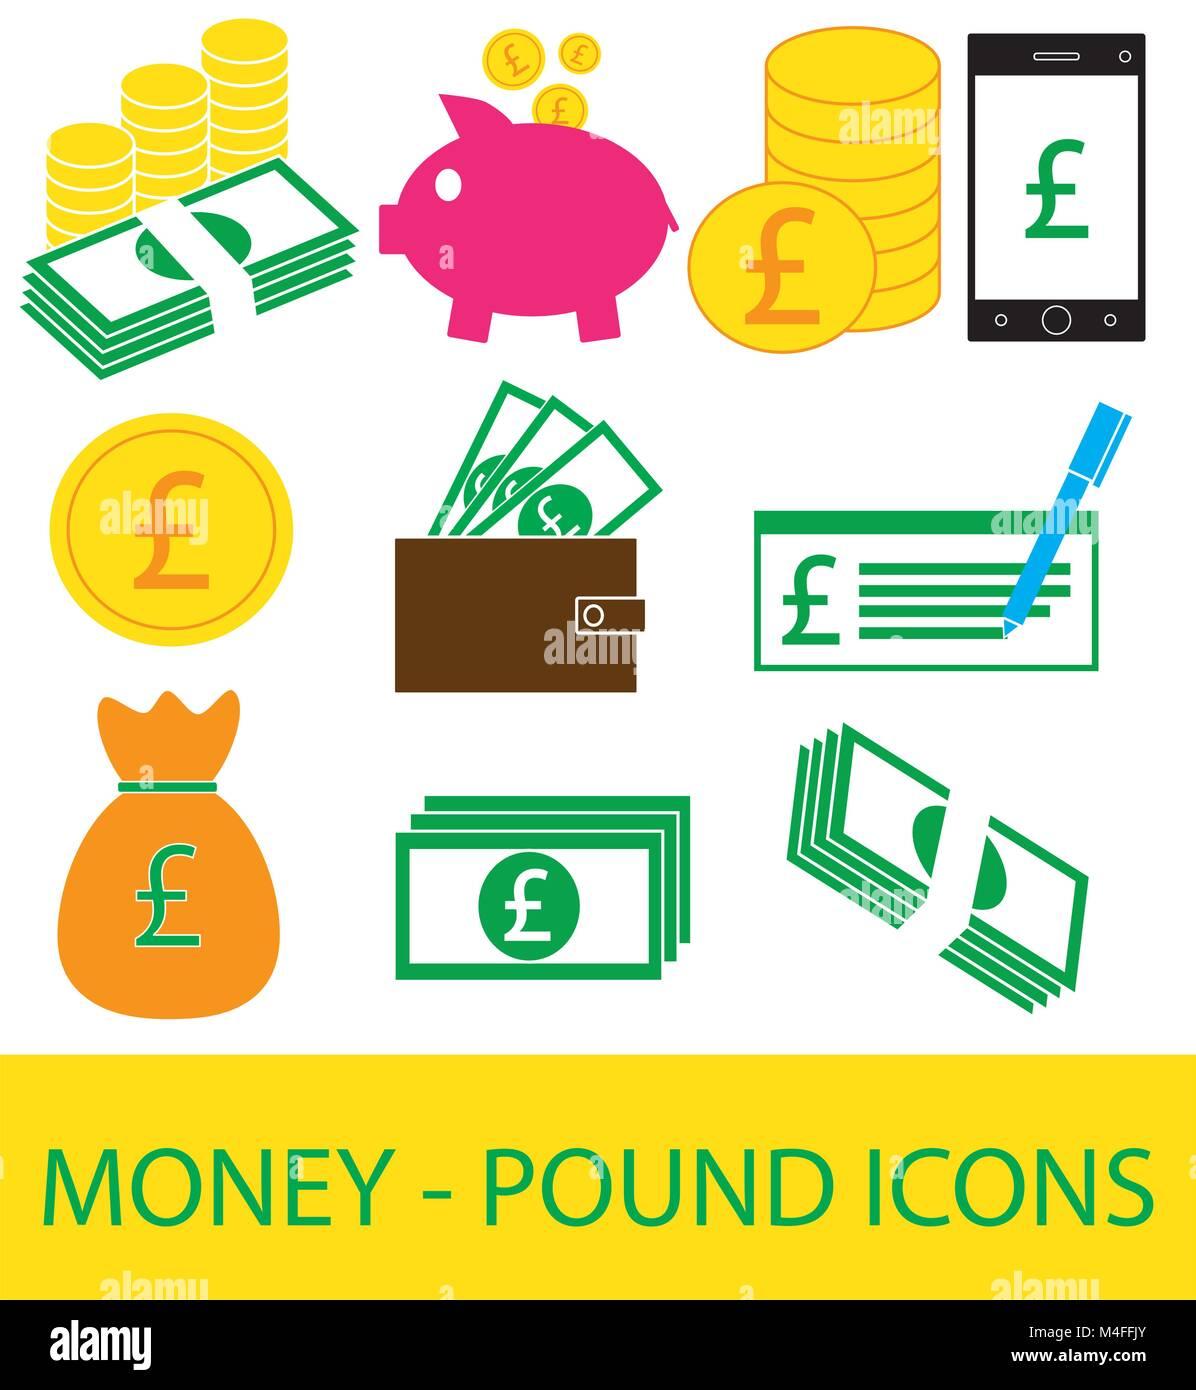 Conjunto, colección o pack de moneda libra icono o logotipo. Monedas, billetes o facturas, celular o teléfono Imagen De Stock